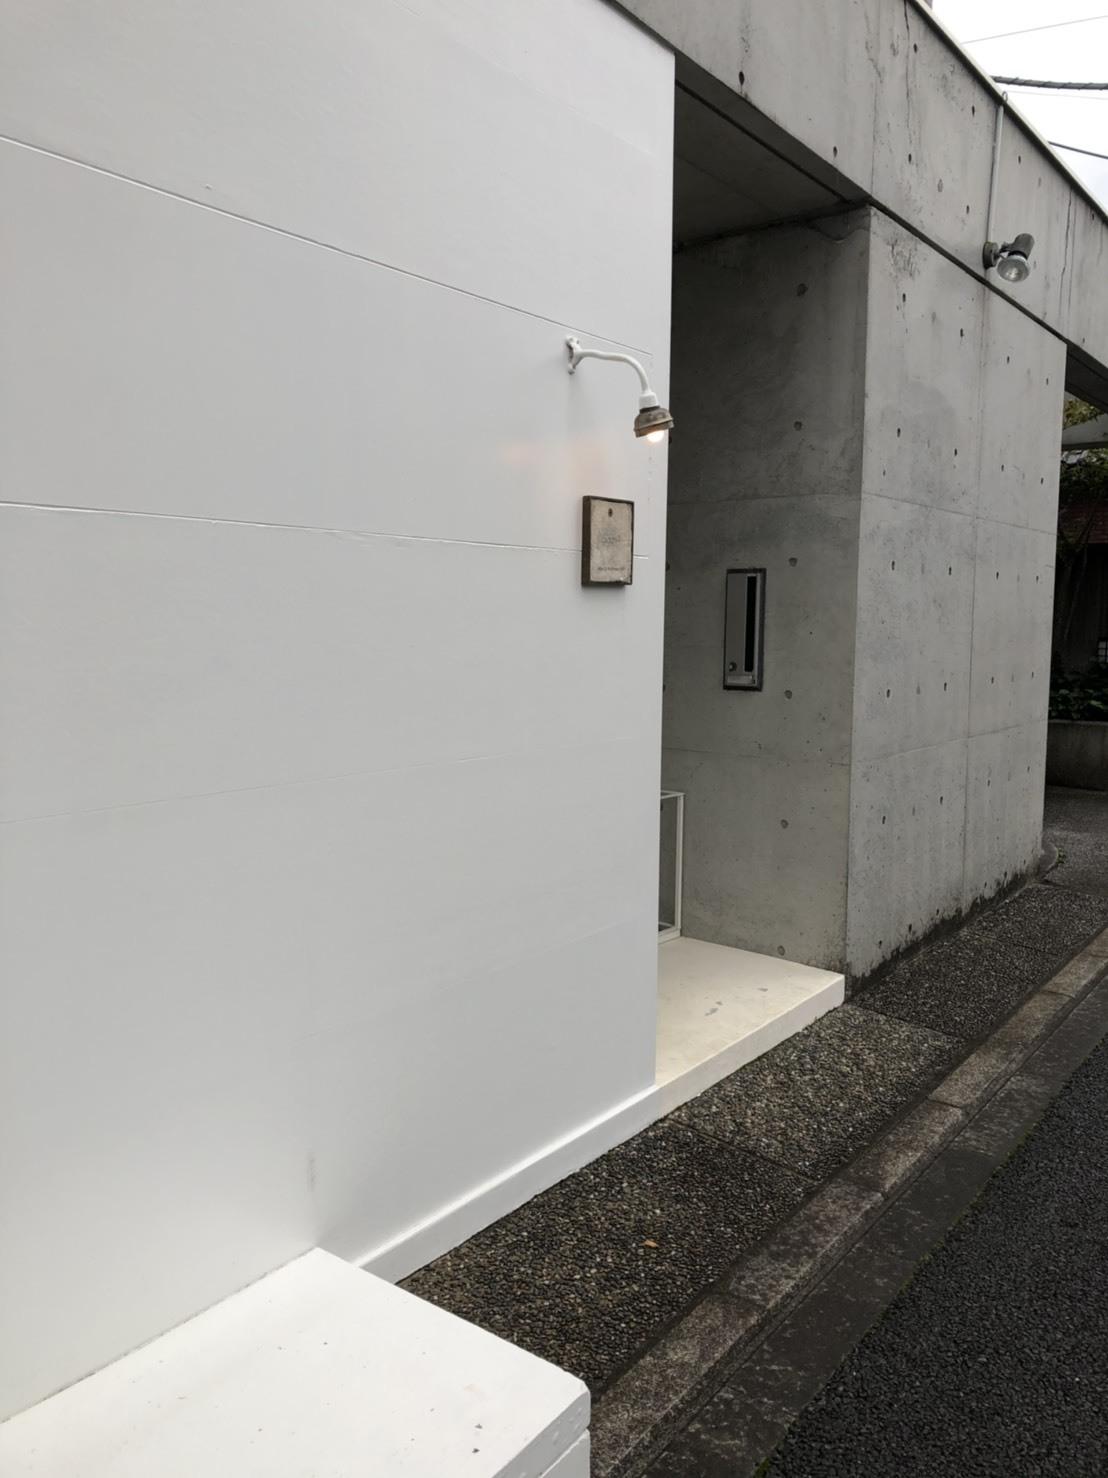 畏るべし… mon Sakata_e0288544_14021382.jpg